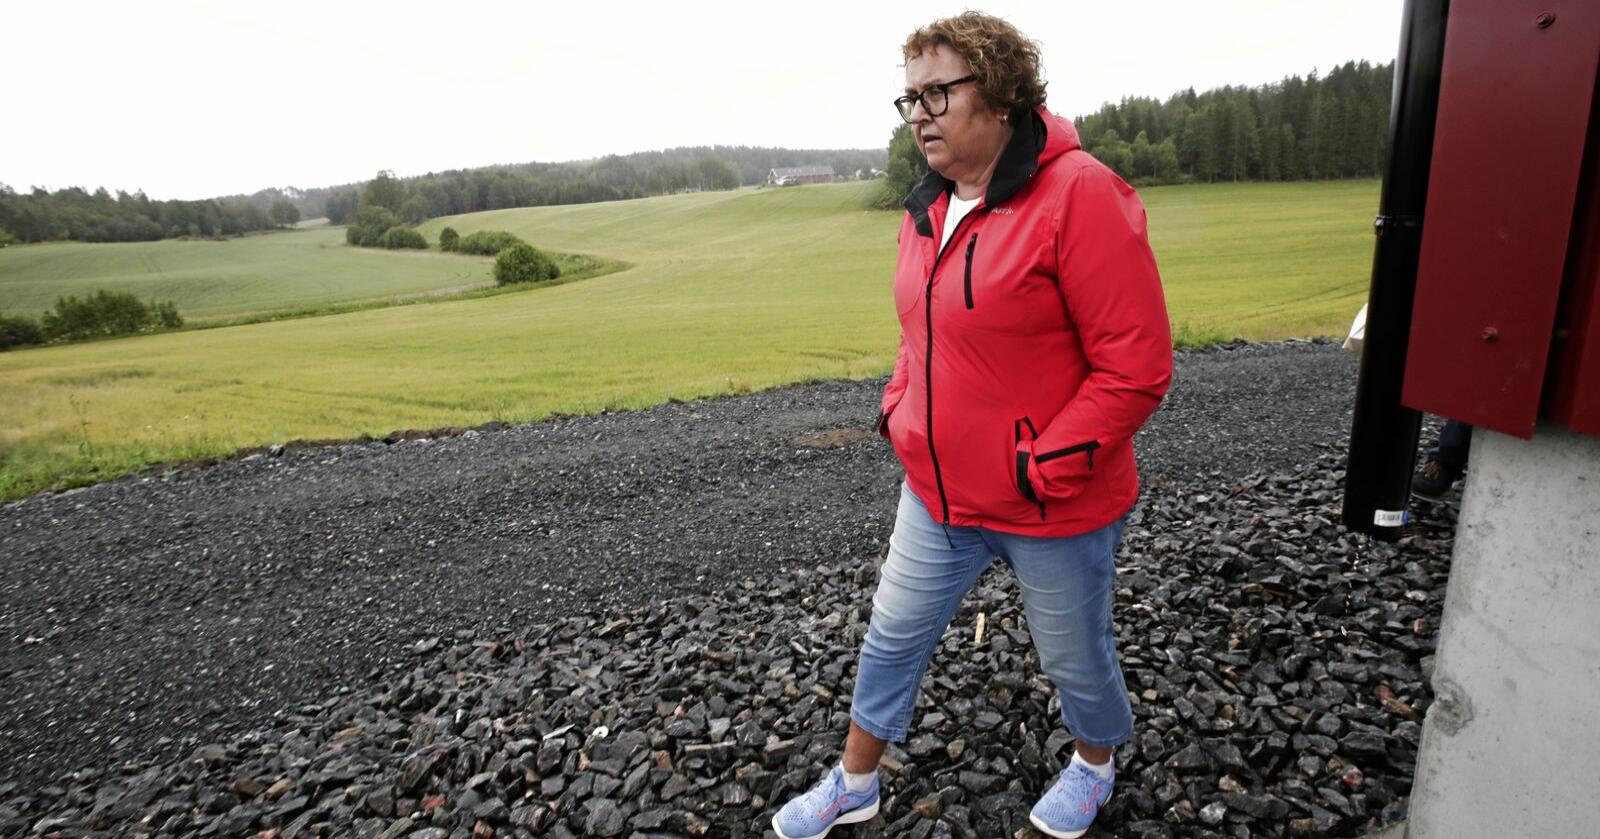 Landbruks- og matminister Olaug Bollestad (KrF) under besøket i Østfold tidligere i uken. I stedet for å legge ansvaret på lokalpolitikerne, bør hun ordne opp i jordvernet selv, mener Sps Geir Pollestad. Foto: Vidar Ruud / NTB scanpix.